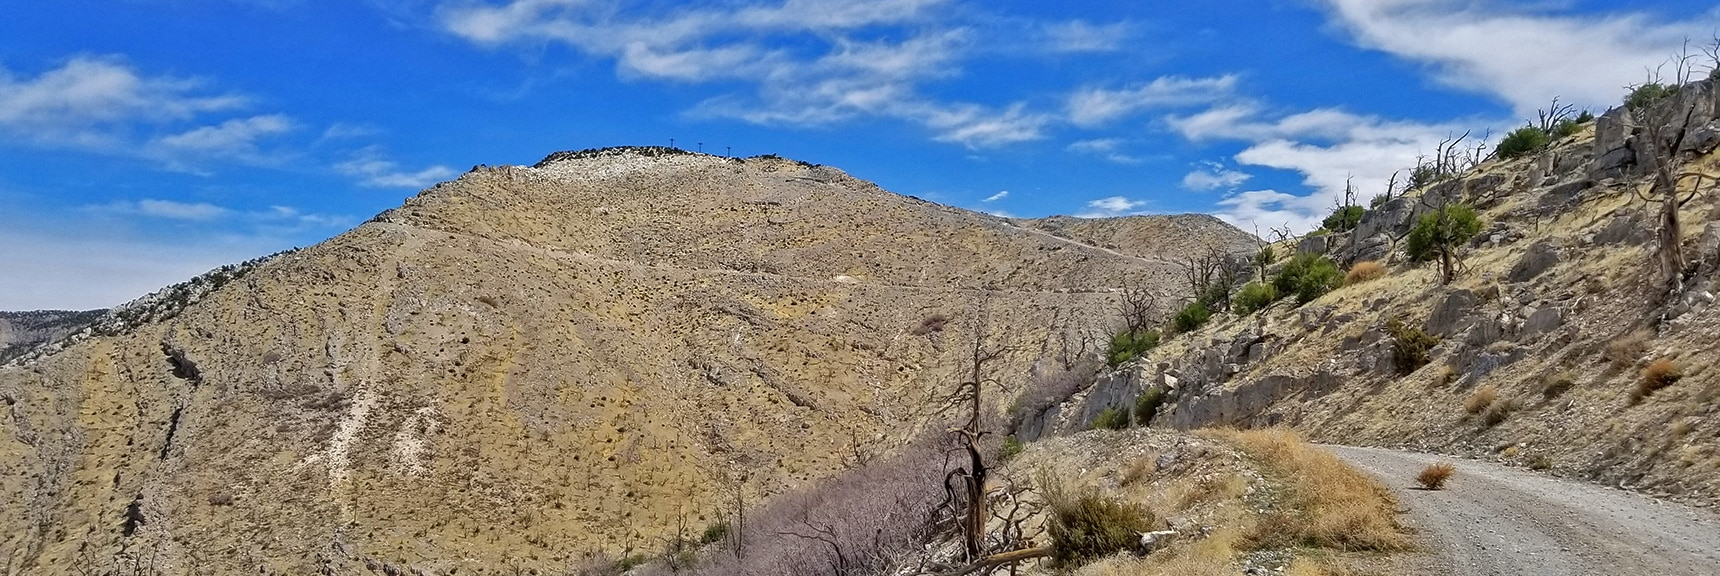 Rounding the Ridge the South Summit Comes into View | Potosi Mountain Spring Mountains Nevada